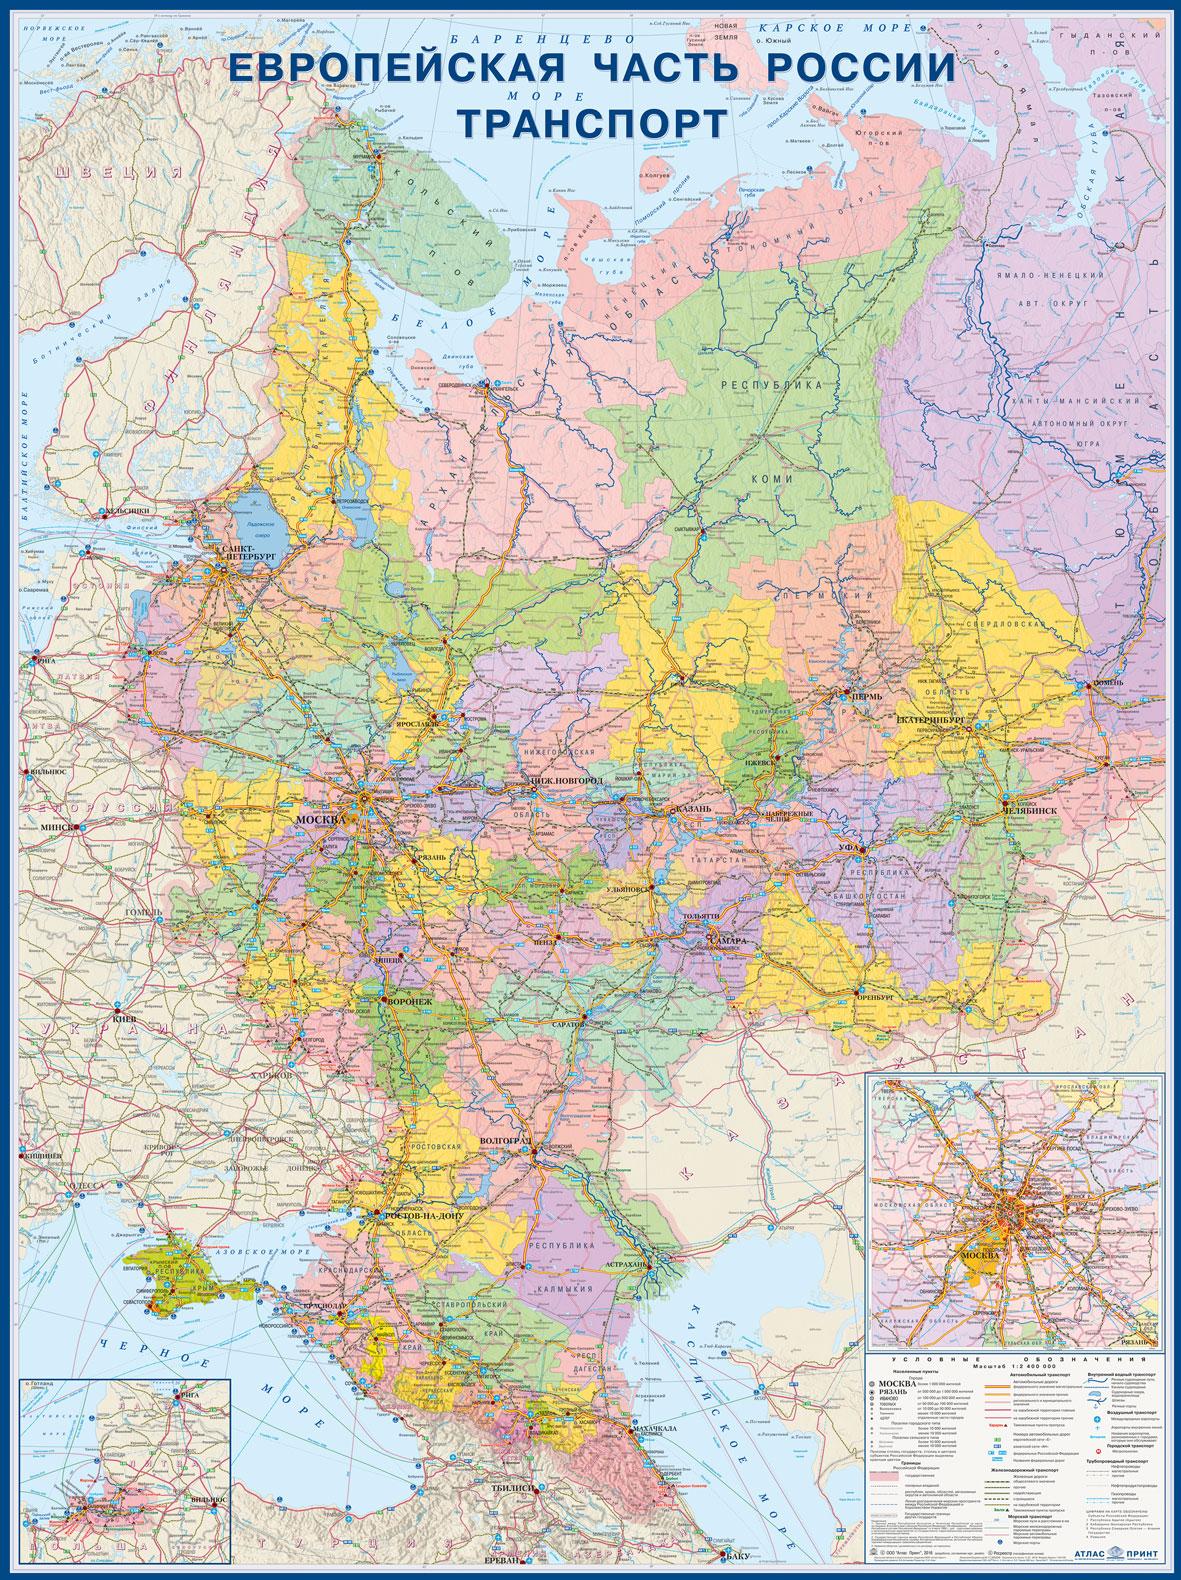 Настенная карта Европейской части России транспортная 1,18*1,58 м